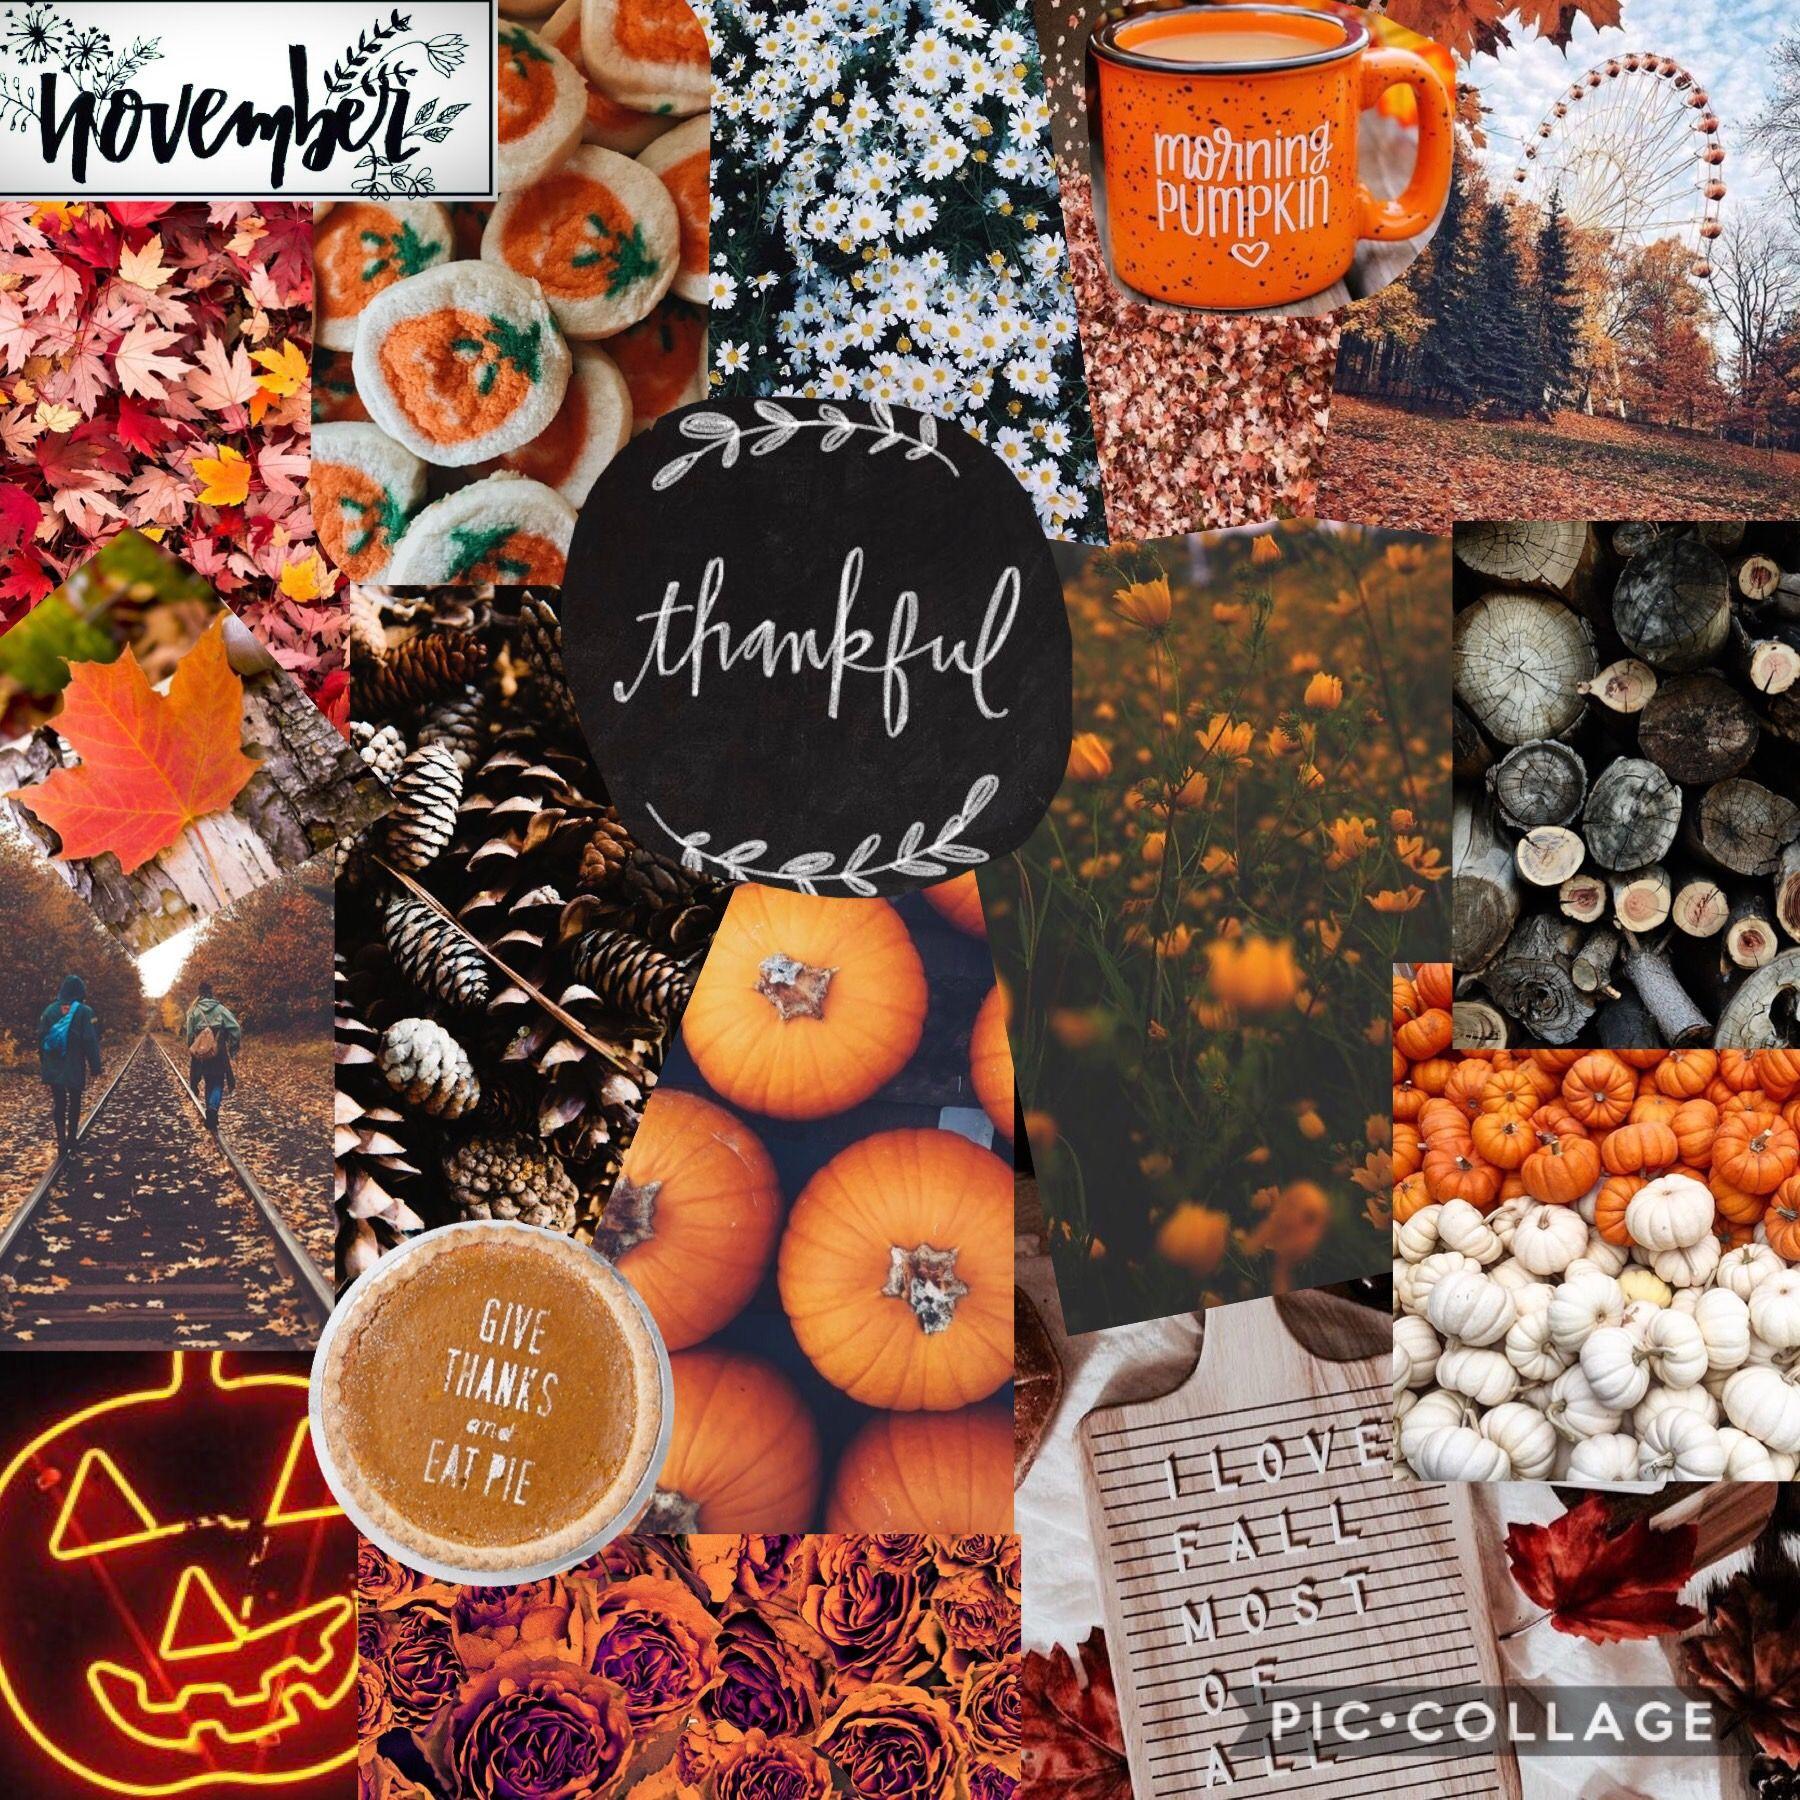 November Aesthetic Collage November Wallpaper Thanksgiving Collage Thanksgiving Wallpaper